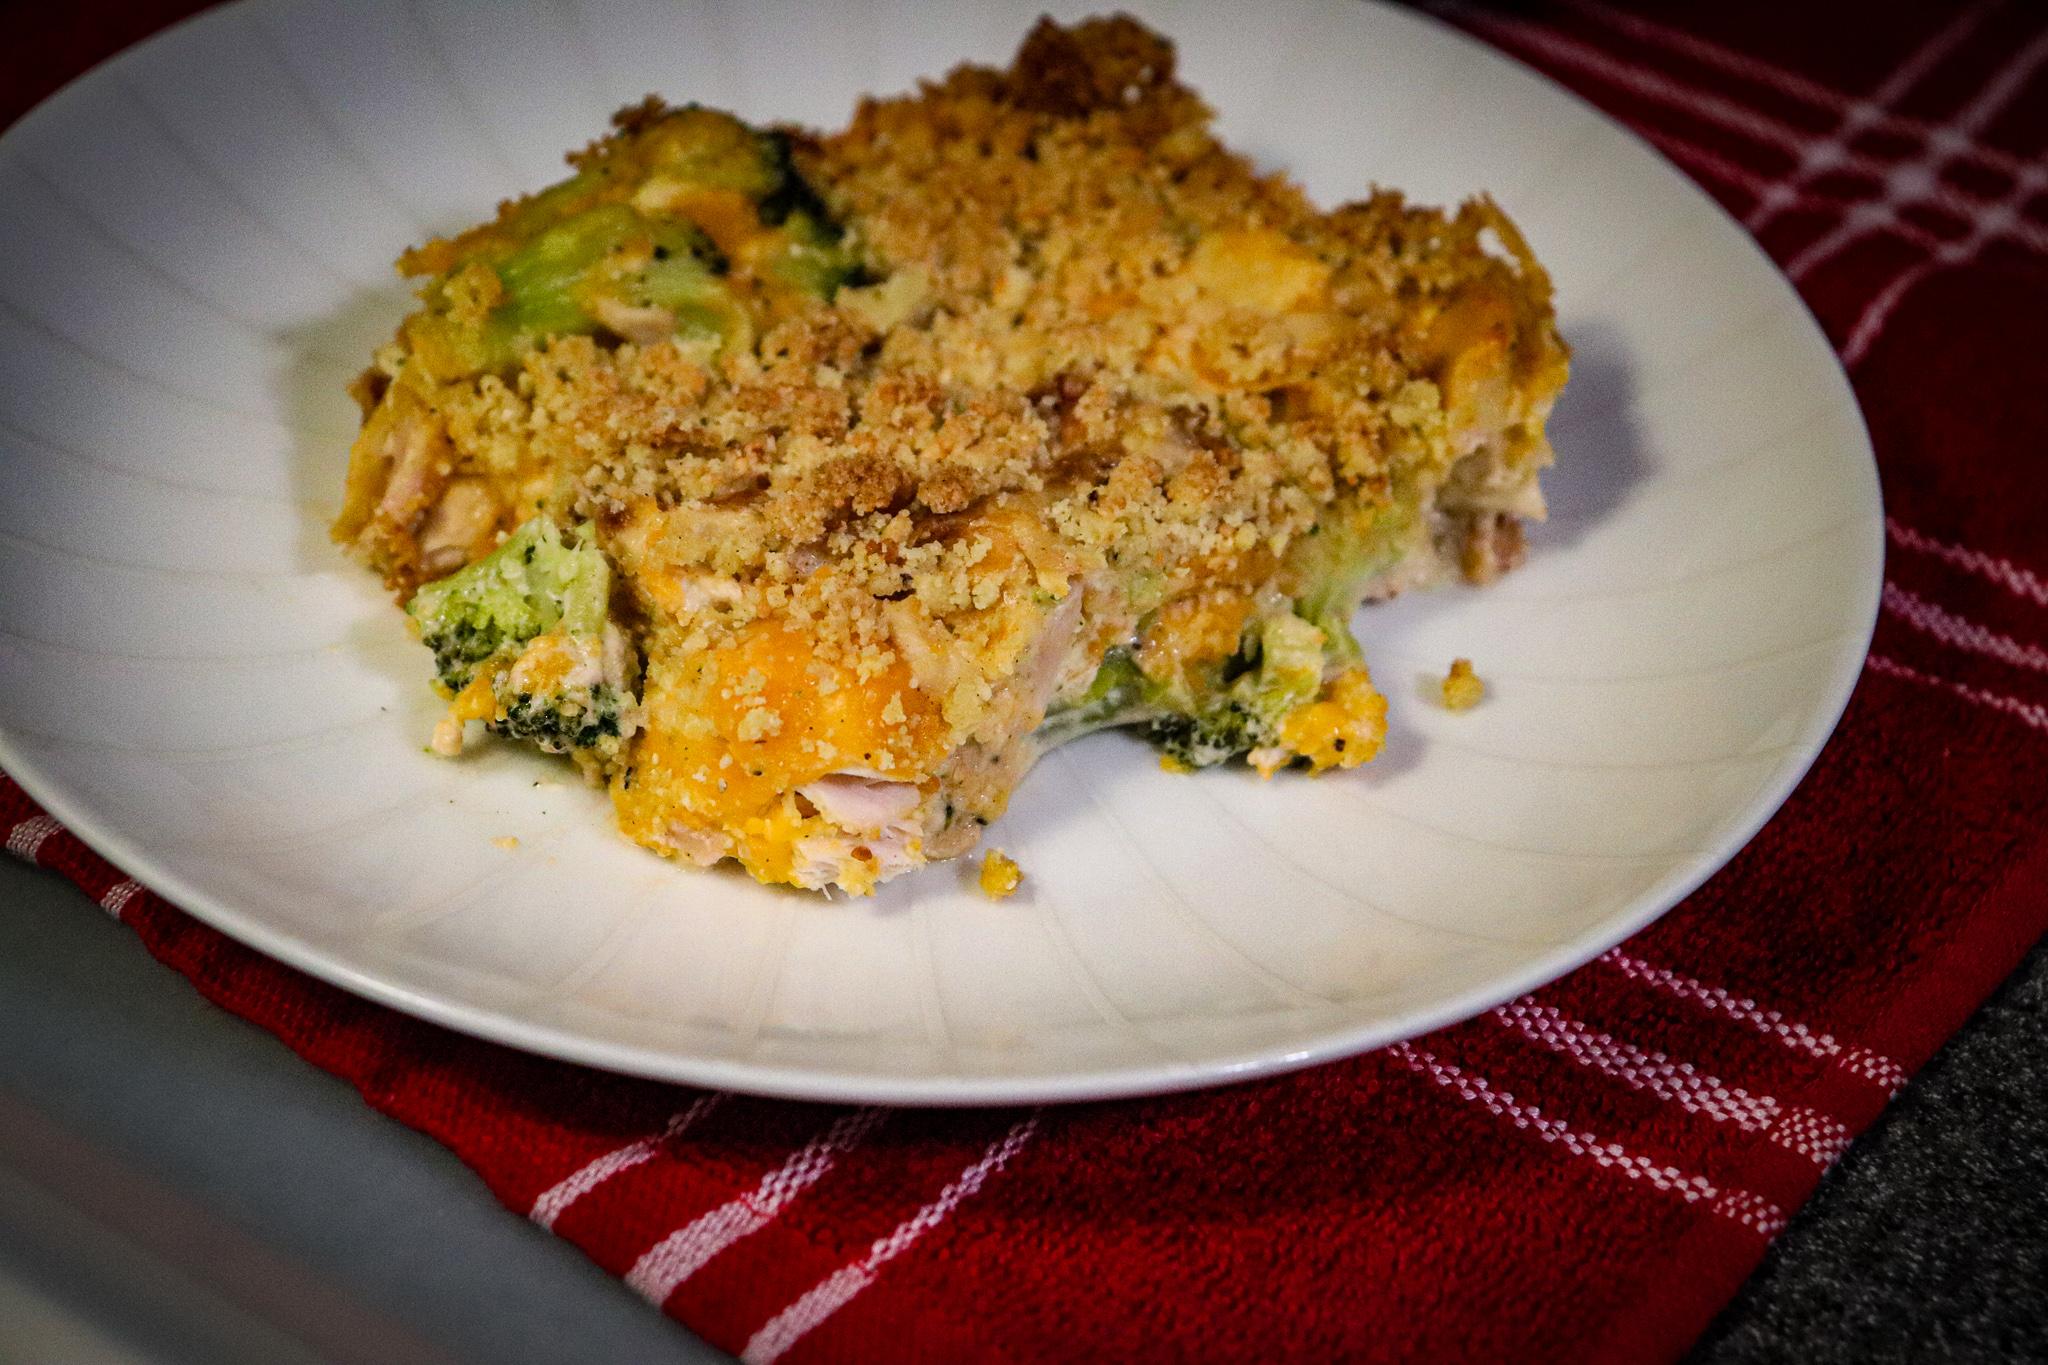 Keto Creamy Chicken and Broccoli Casserole